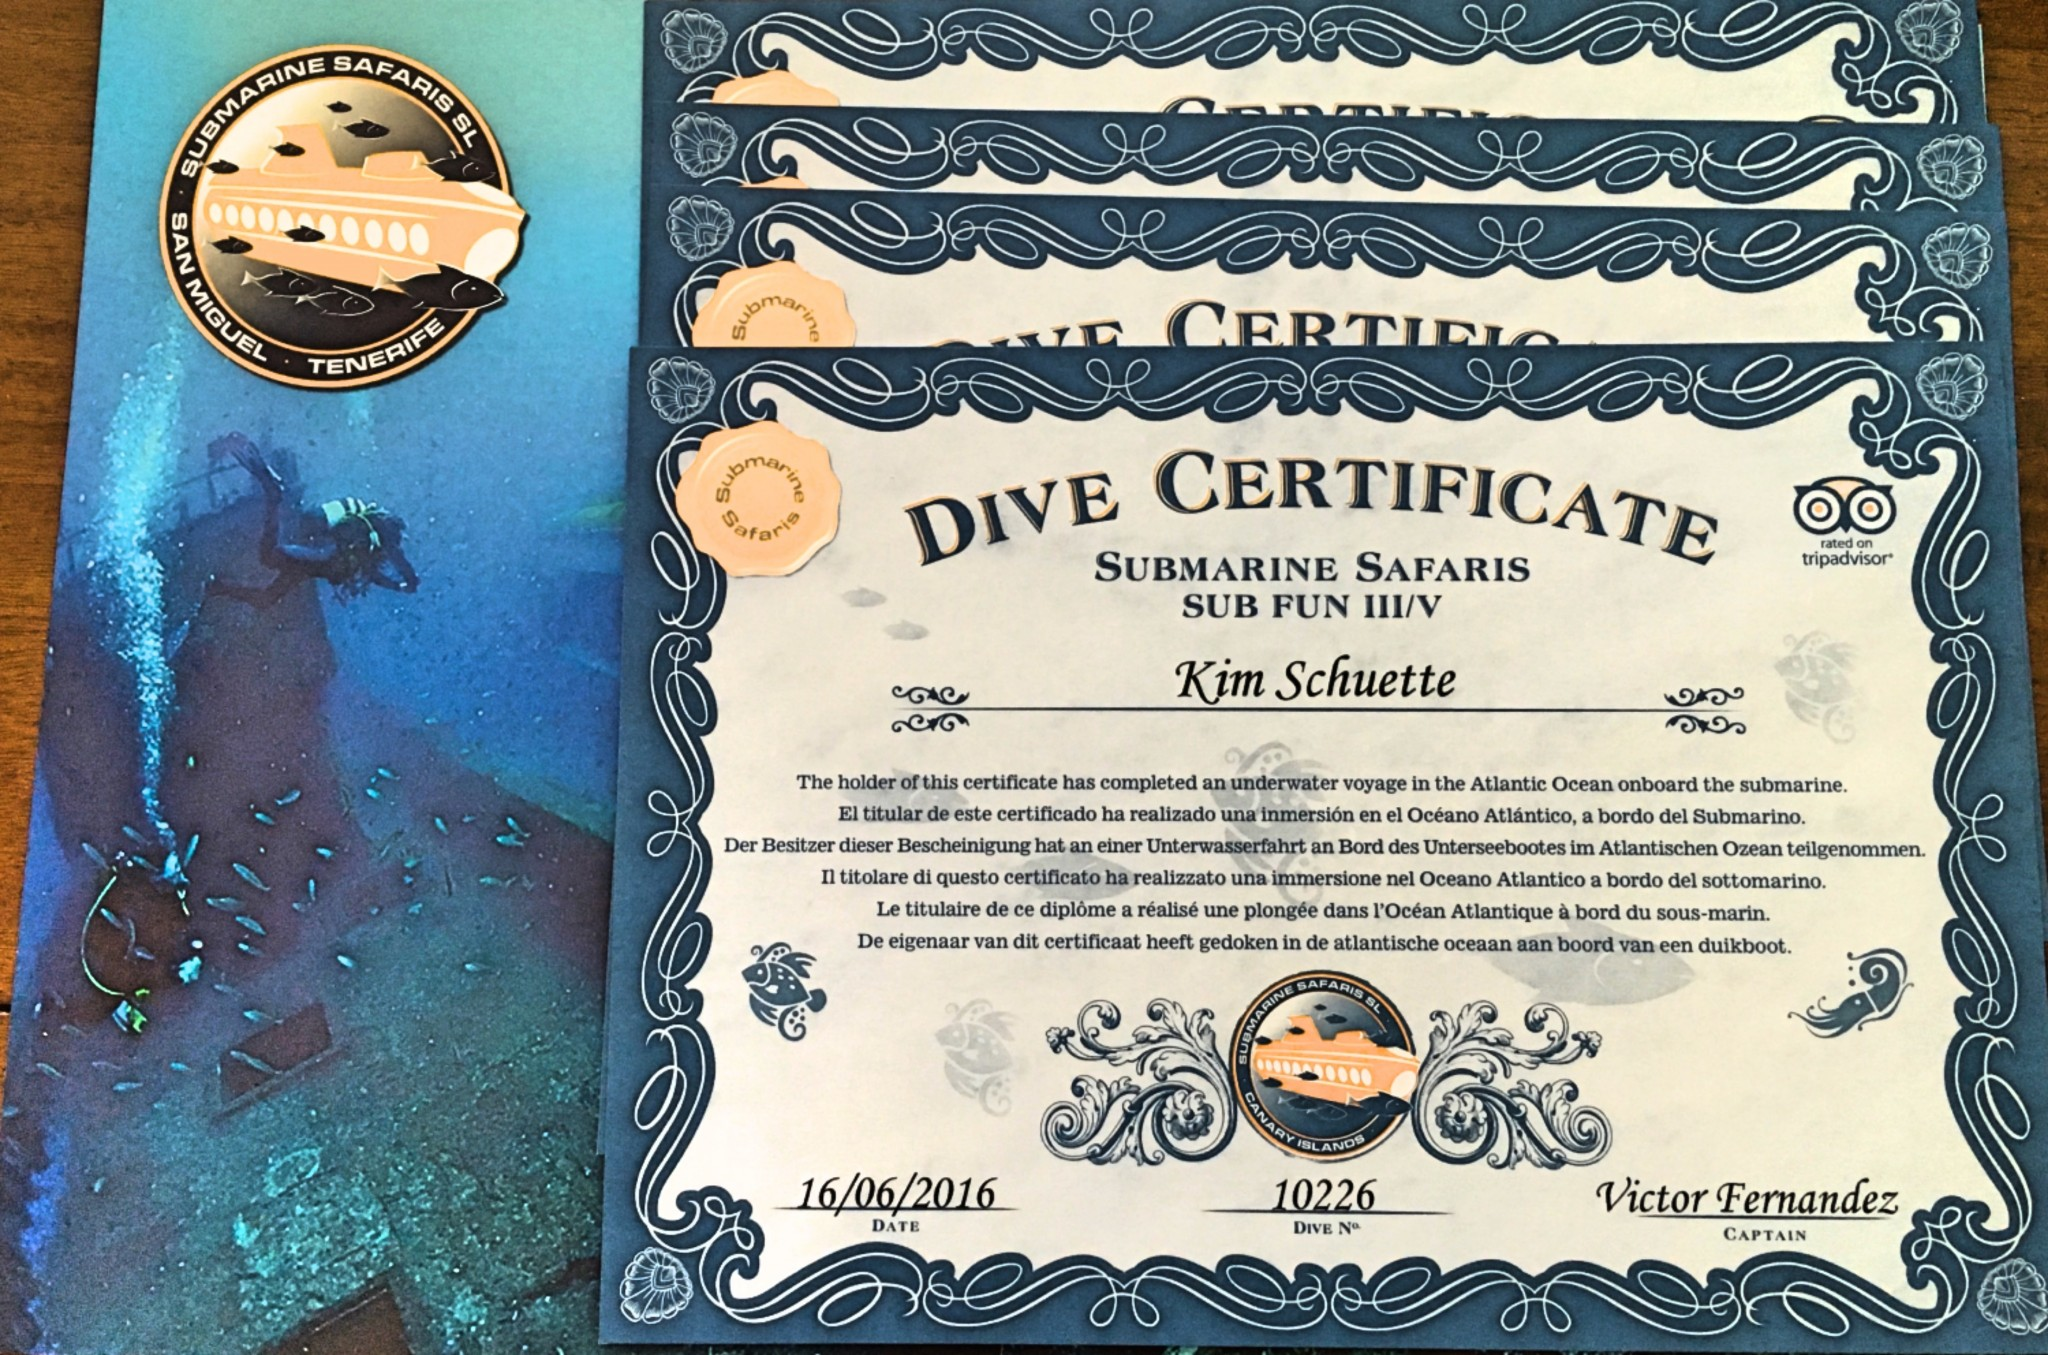 Dive Certificate